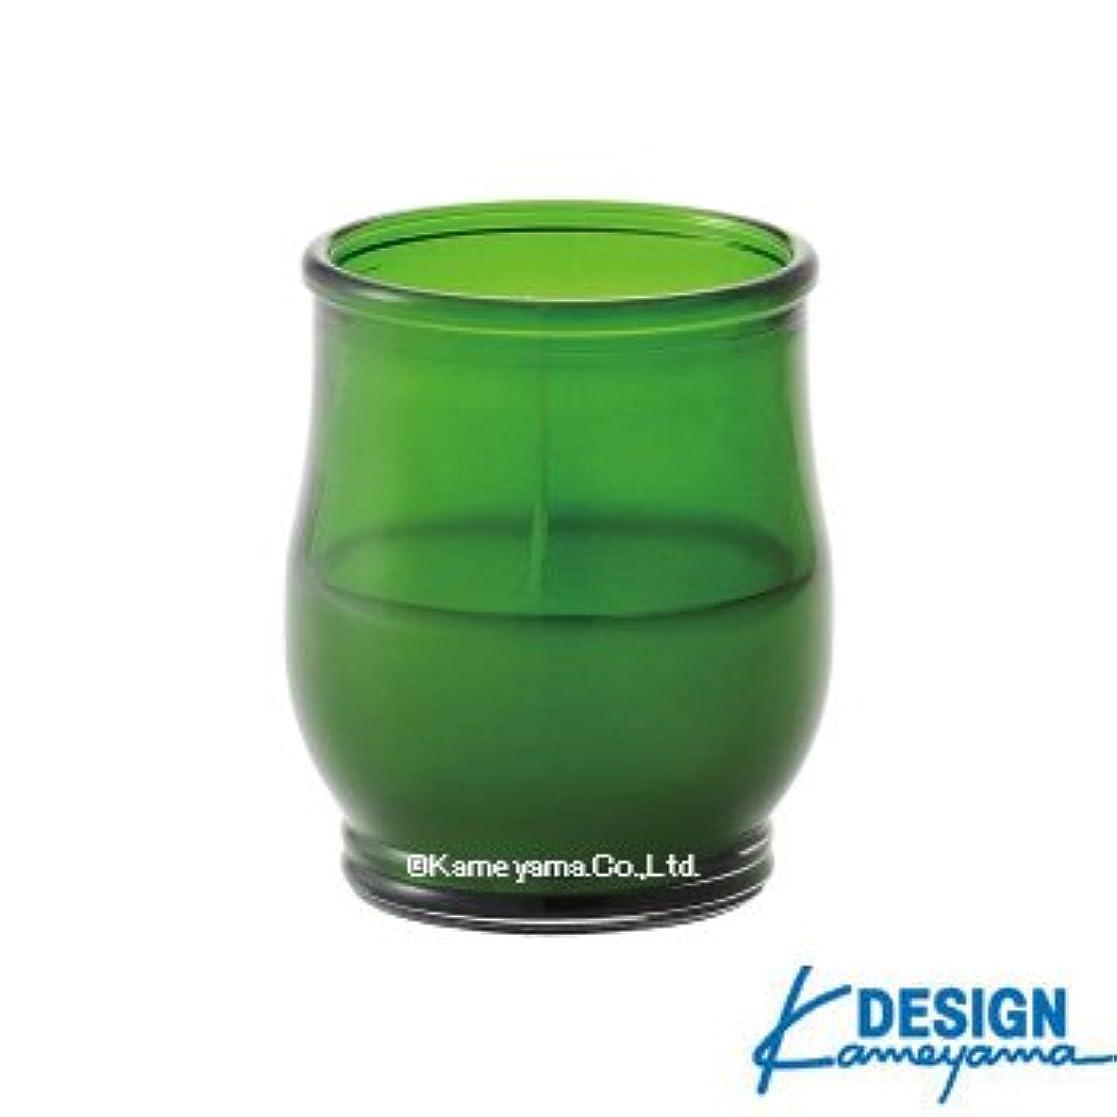 シンカンプレゼンミルカメヤマキャンドル グラスキャンドル ポシェ ex グリーン 6個セット